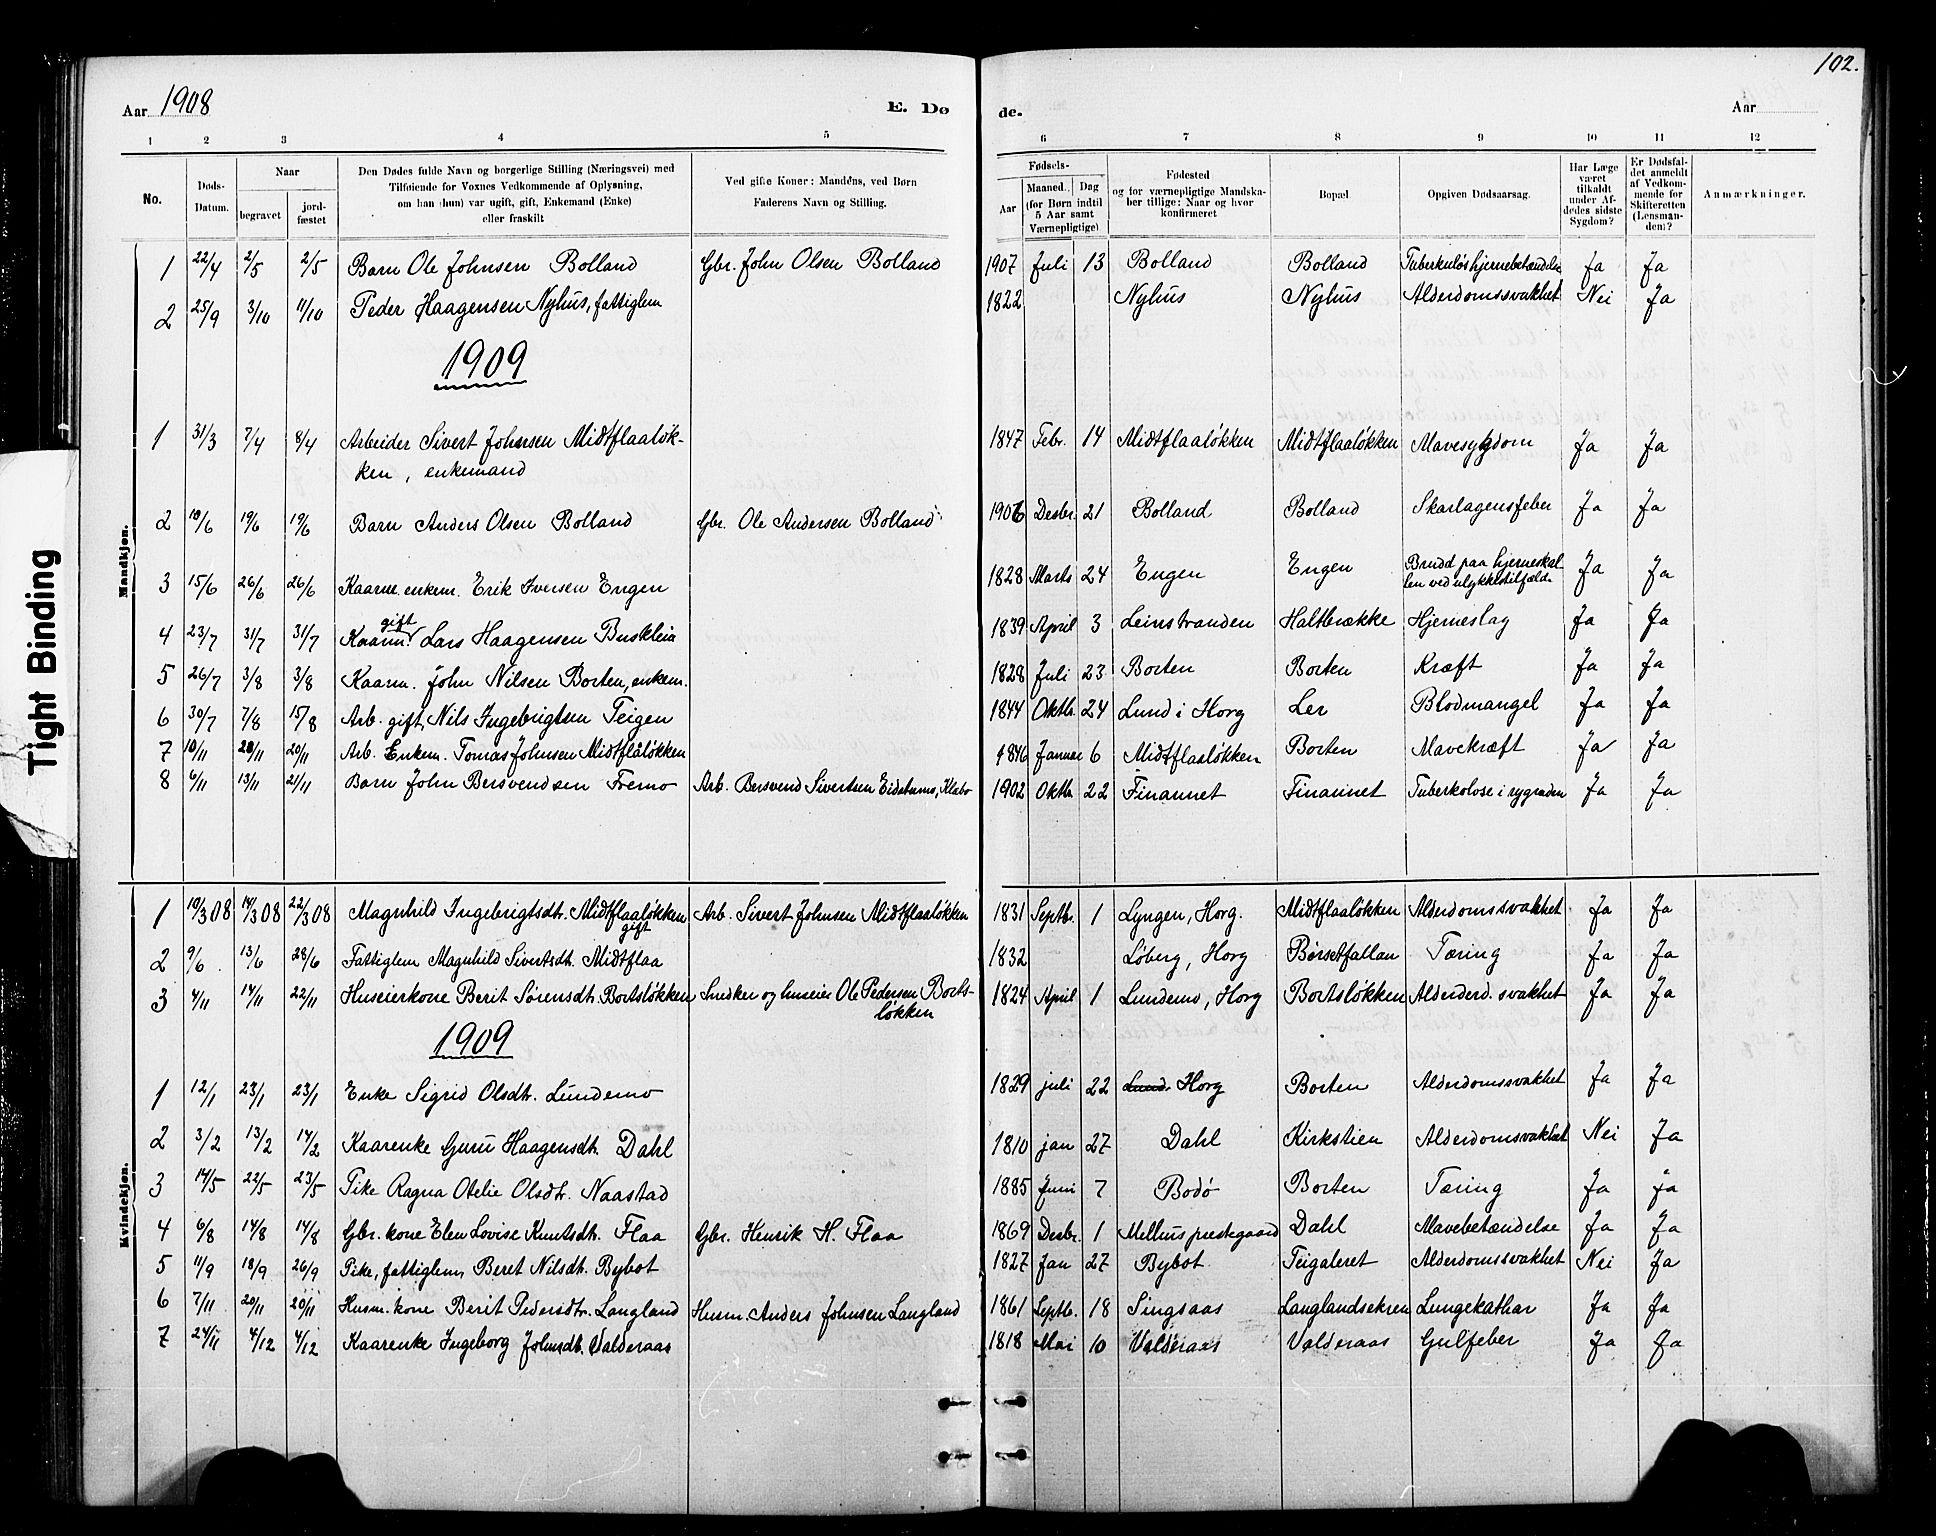 SAT, Ministerialprotokoller, klokkerbøker og fødselsregistre - Sør-Trøndelag, 693/L1123: Klokkerbok nr. 693C04, 1887-1910, s. 102